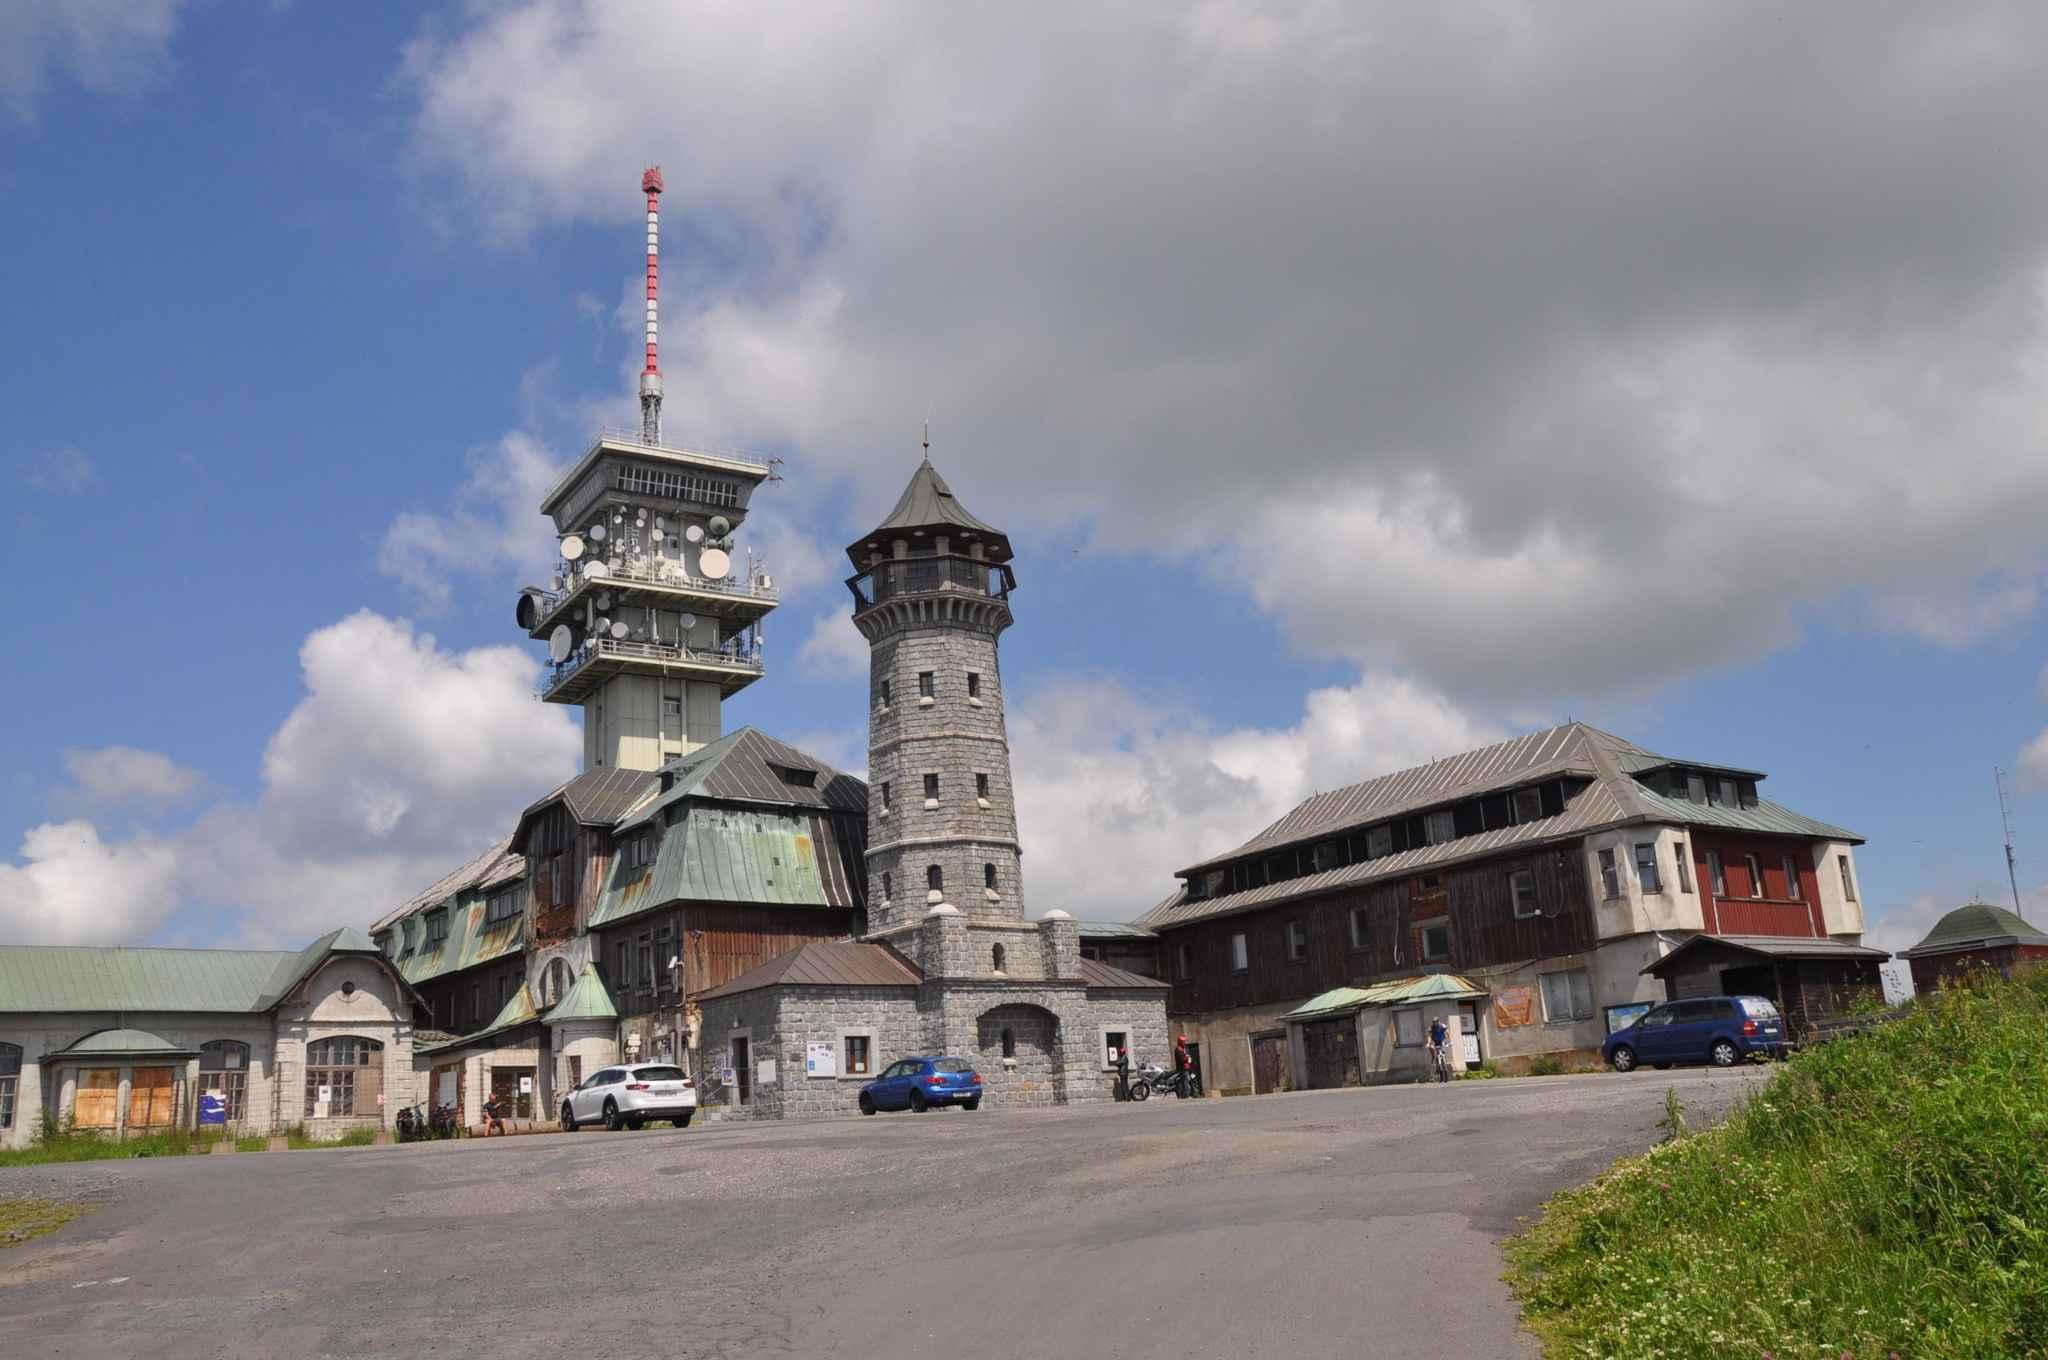 Ferienwohnung in der Nähe Skiareal Plesivec